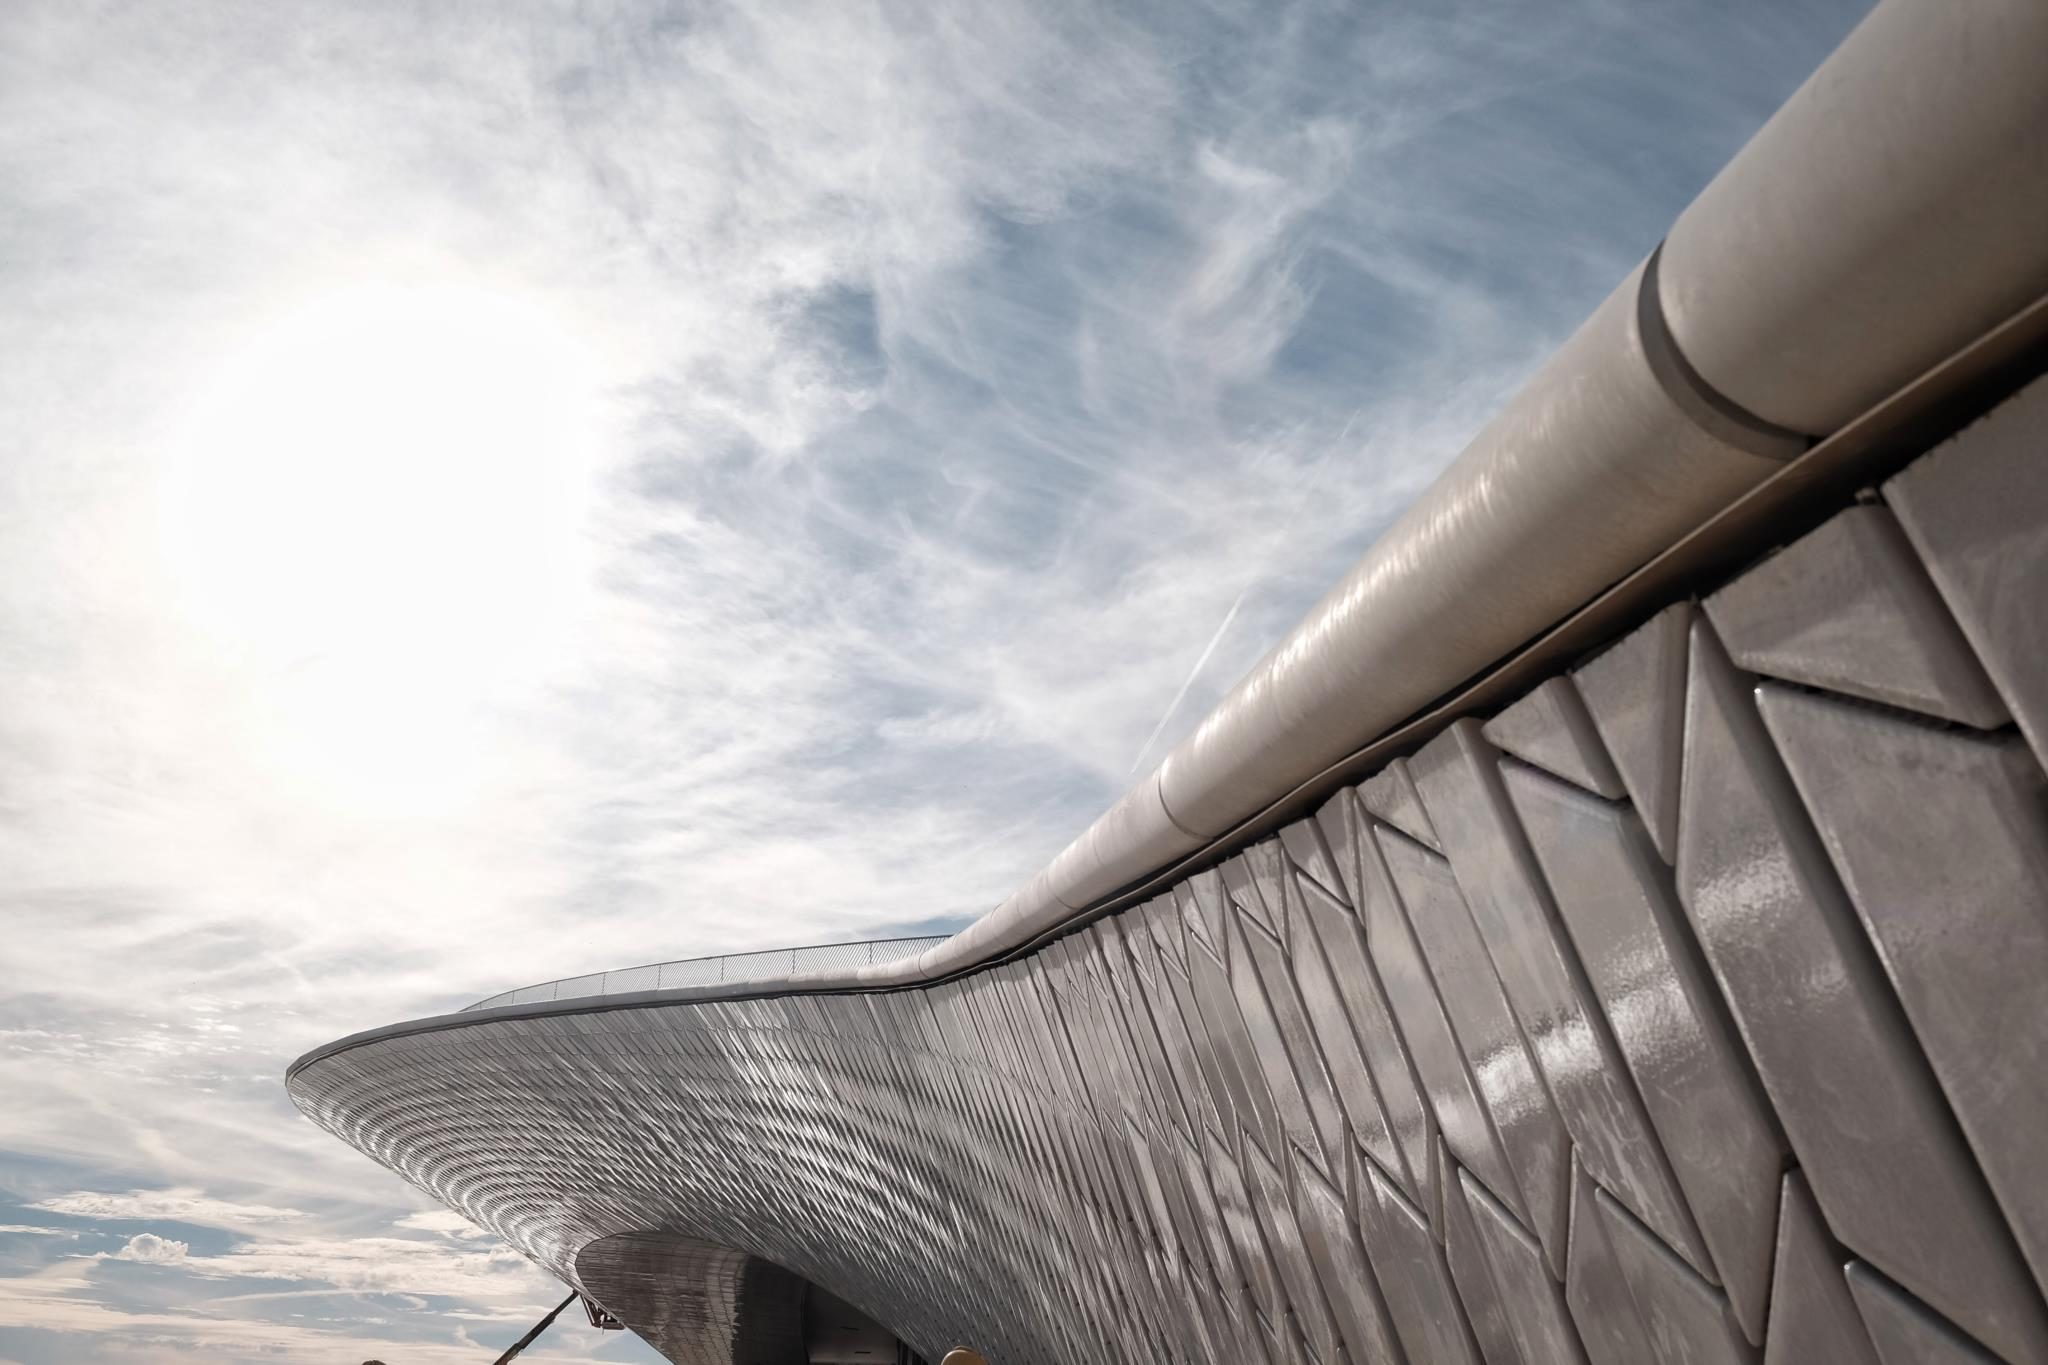 O Museu tem um terraço com vista para o Tejo, um novo espaço público da cidade visitável 24 horas por dia